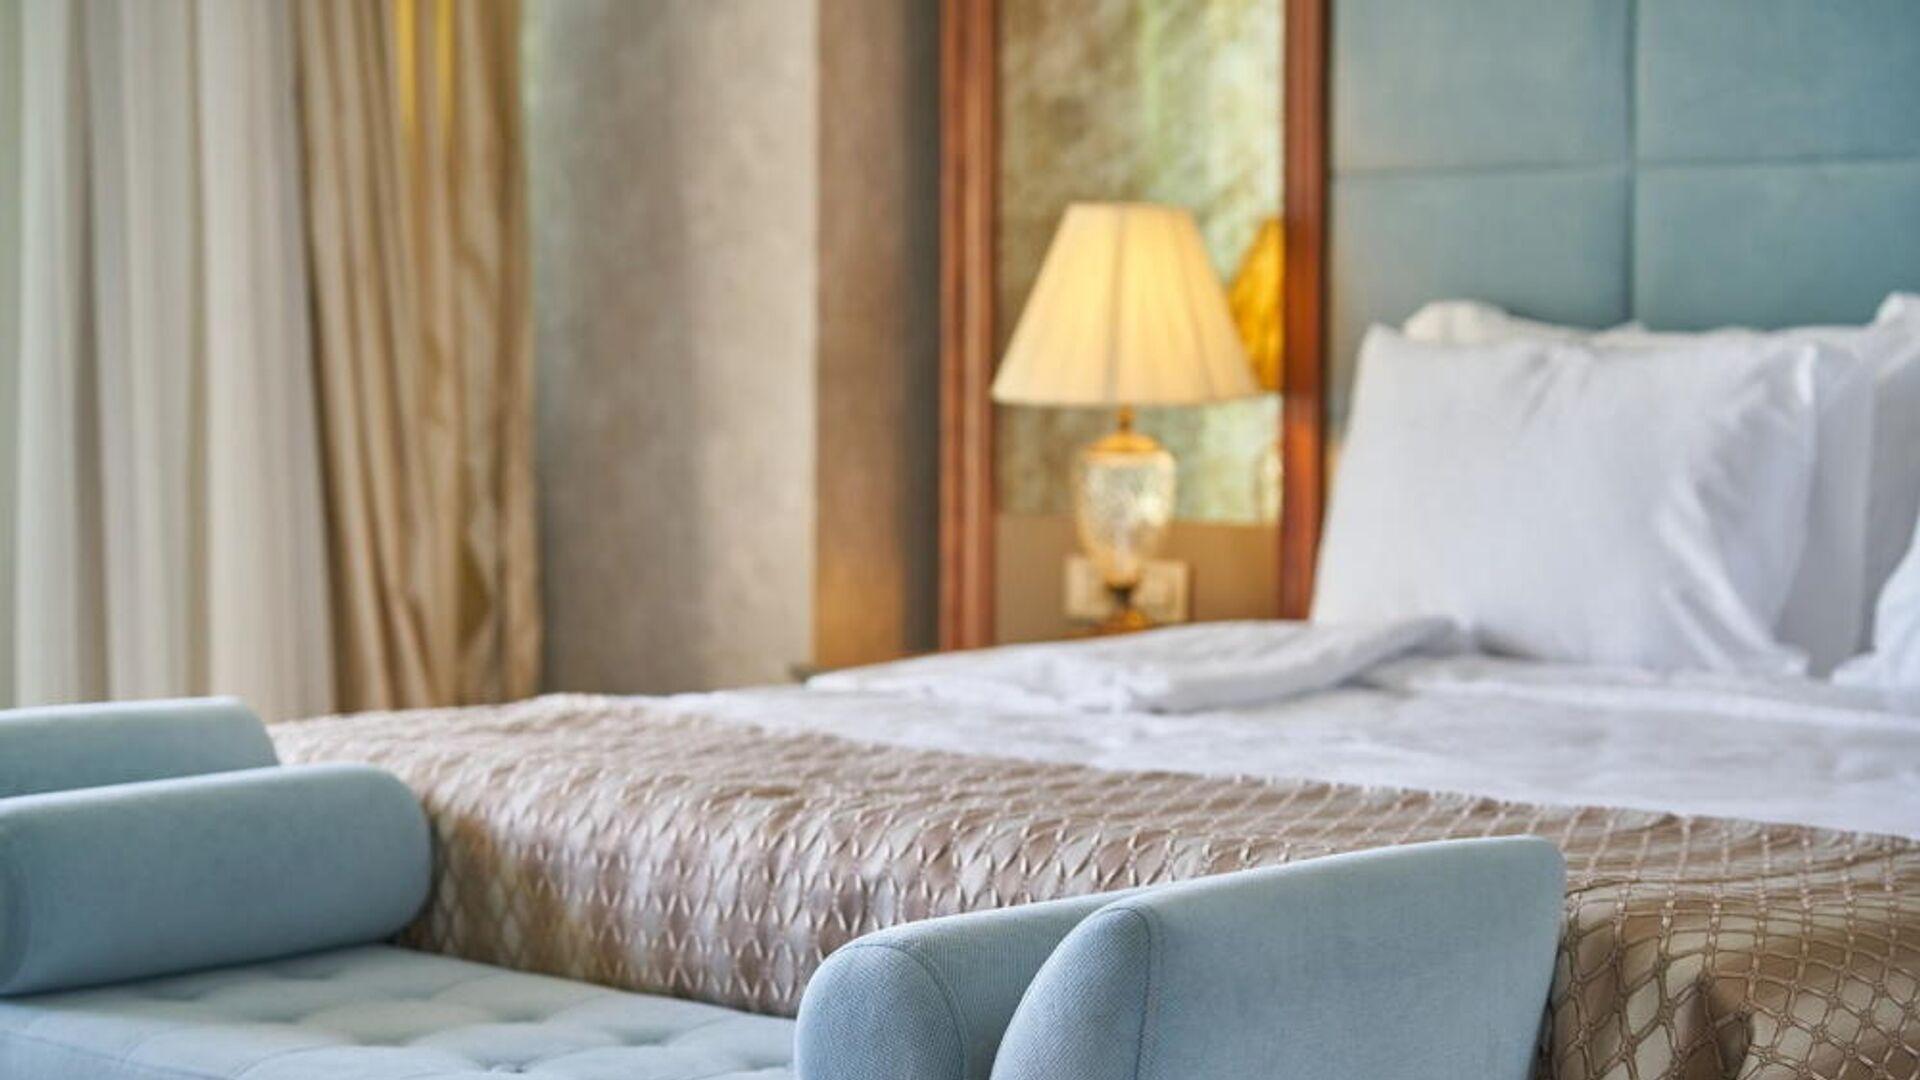 Δωμάτιο ξενοδοχείου - Sputnik Ελλάδα, 1920, 24.09.2021